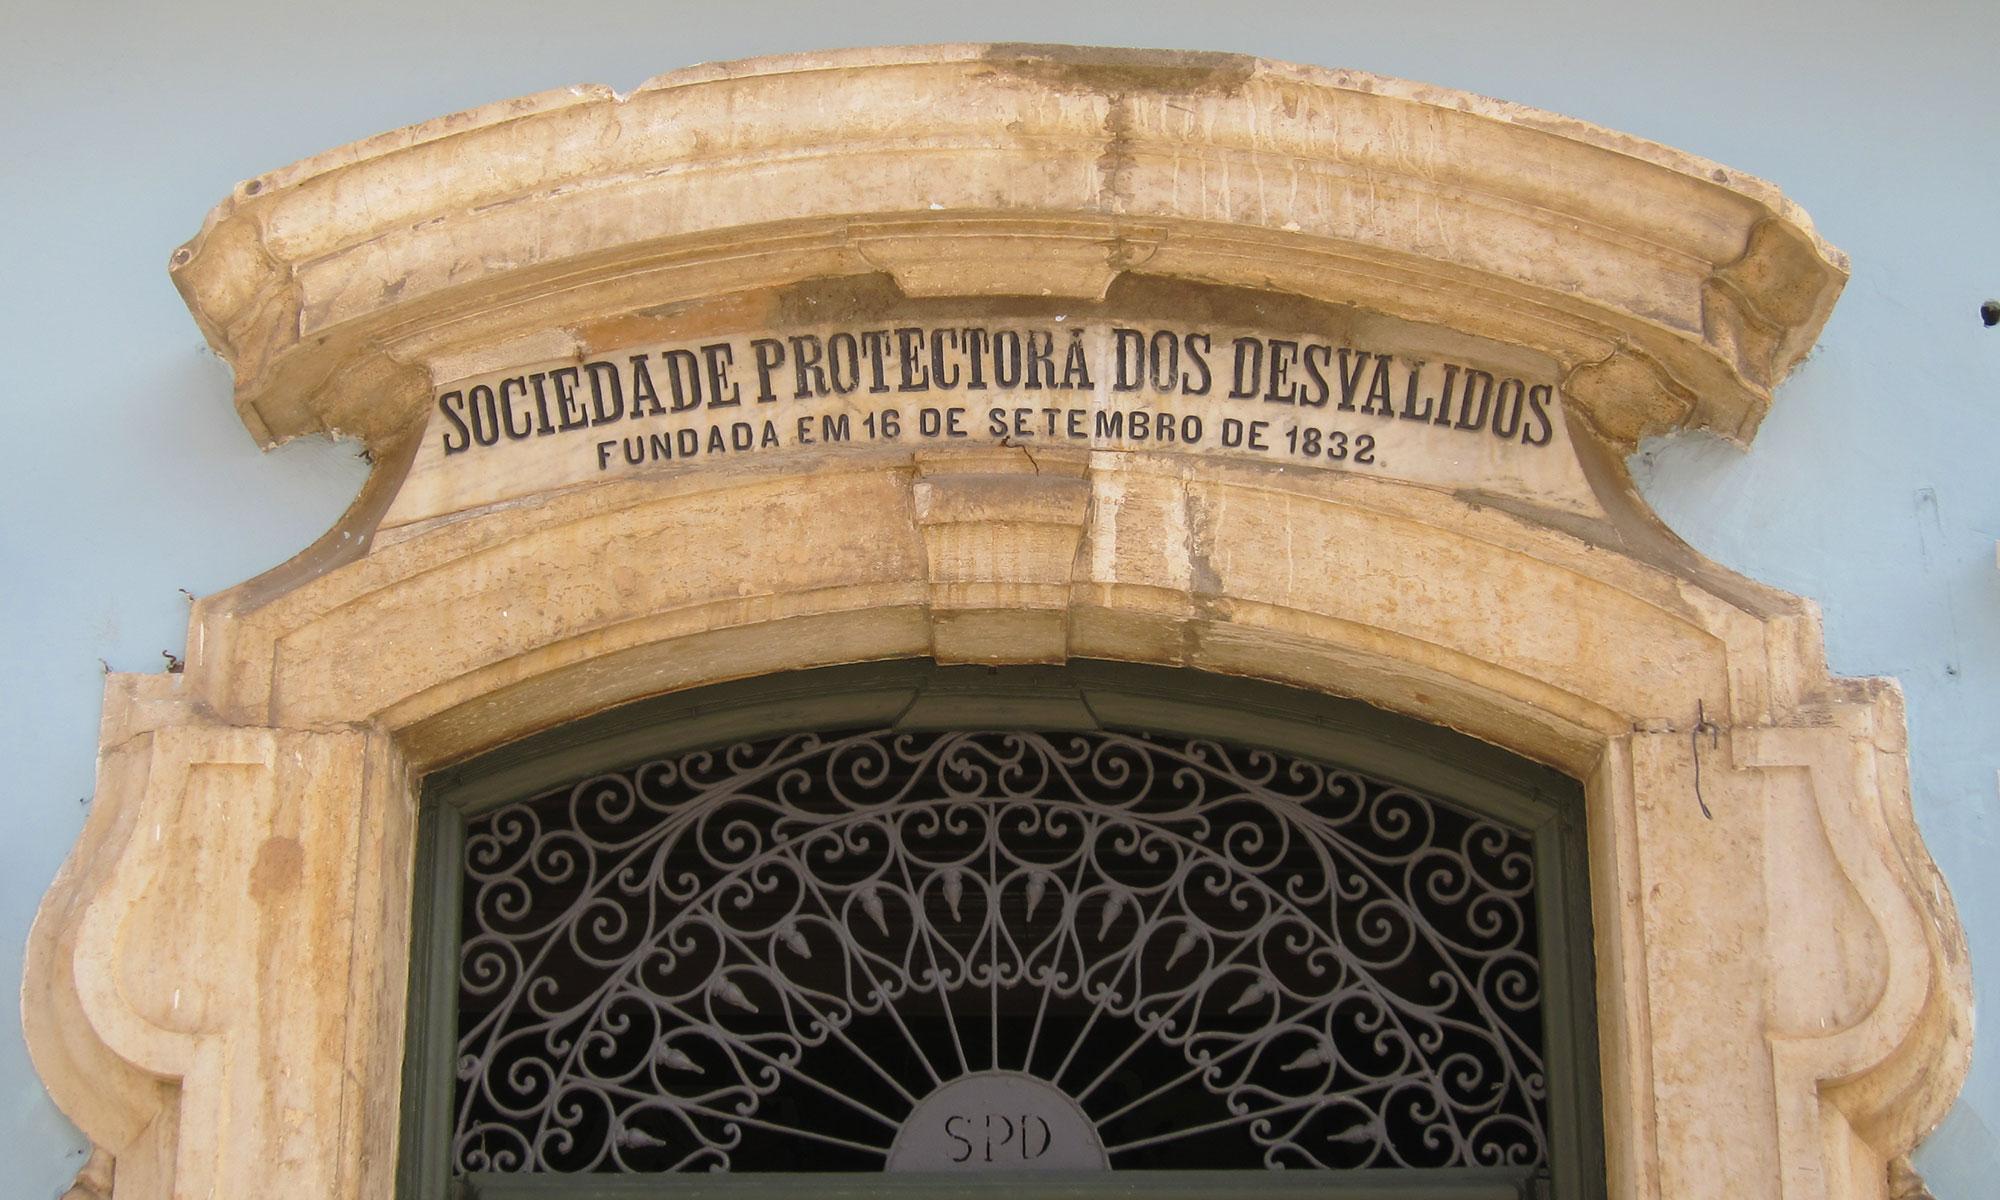 Sociedade Protectora in Salvador, Bahia